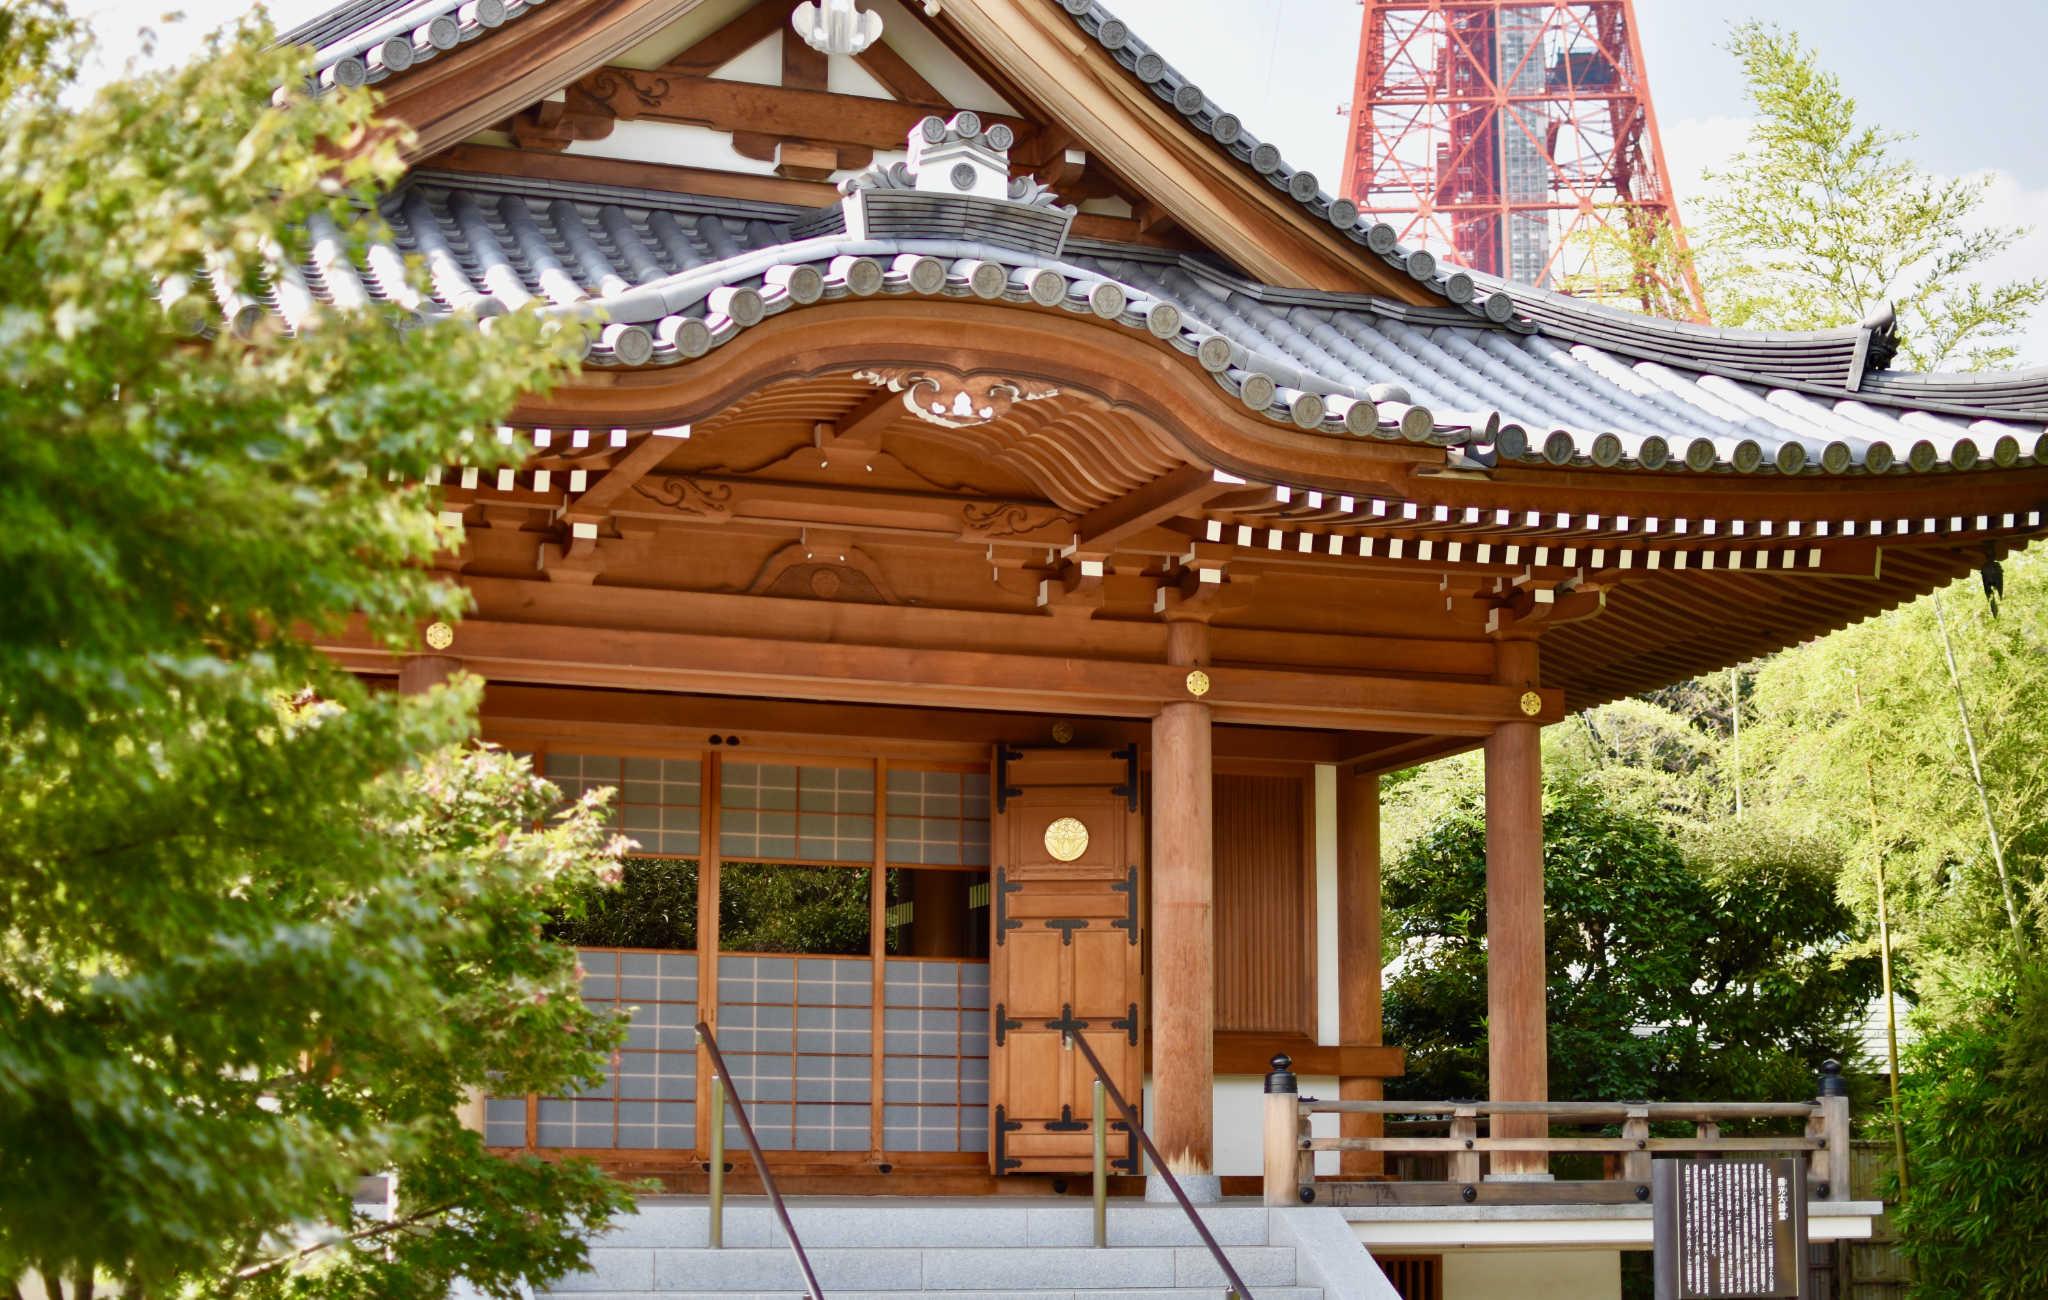 Zojo-ji est un temple incontournable pour s'imprénier de la culture bouddhiste